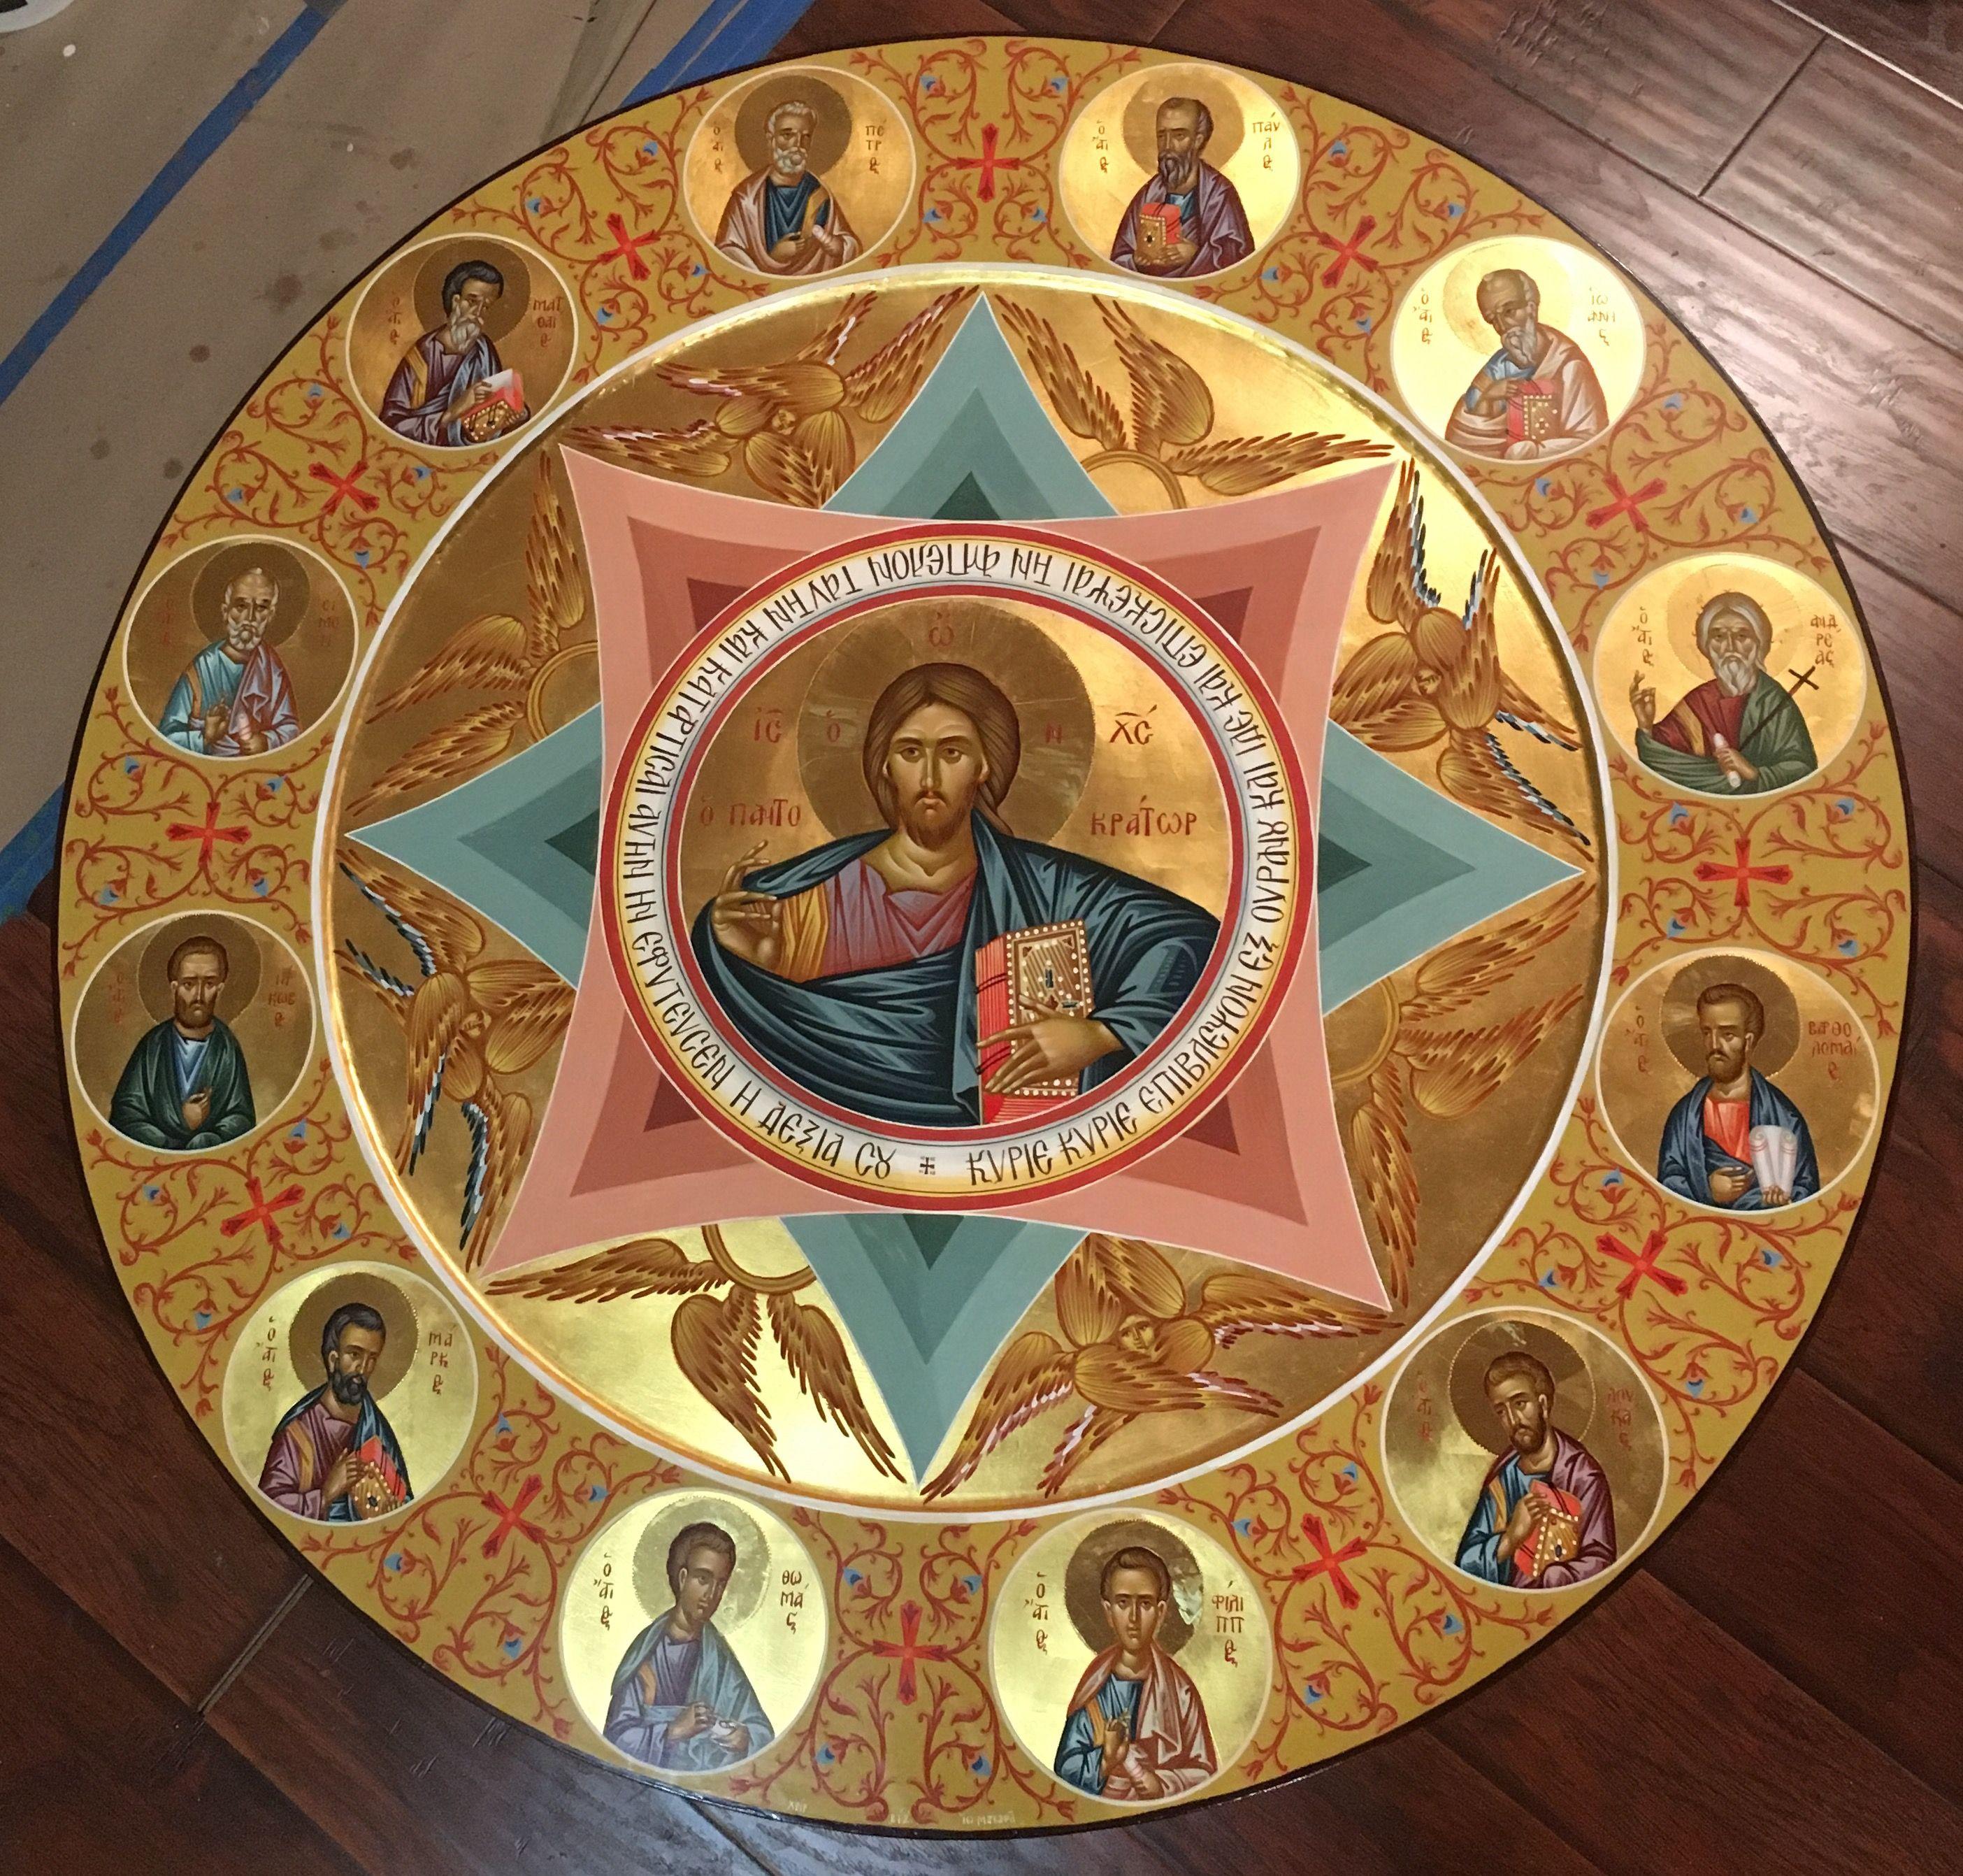 Epingle Par Hagenstein Sur Icones En 2020 Painting Peinture Christ